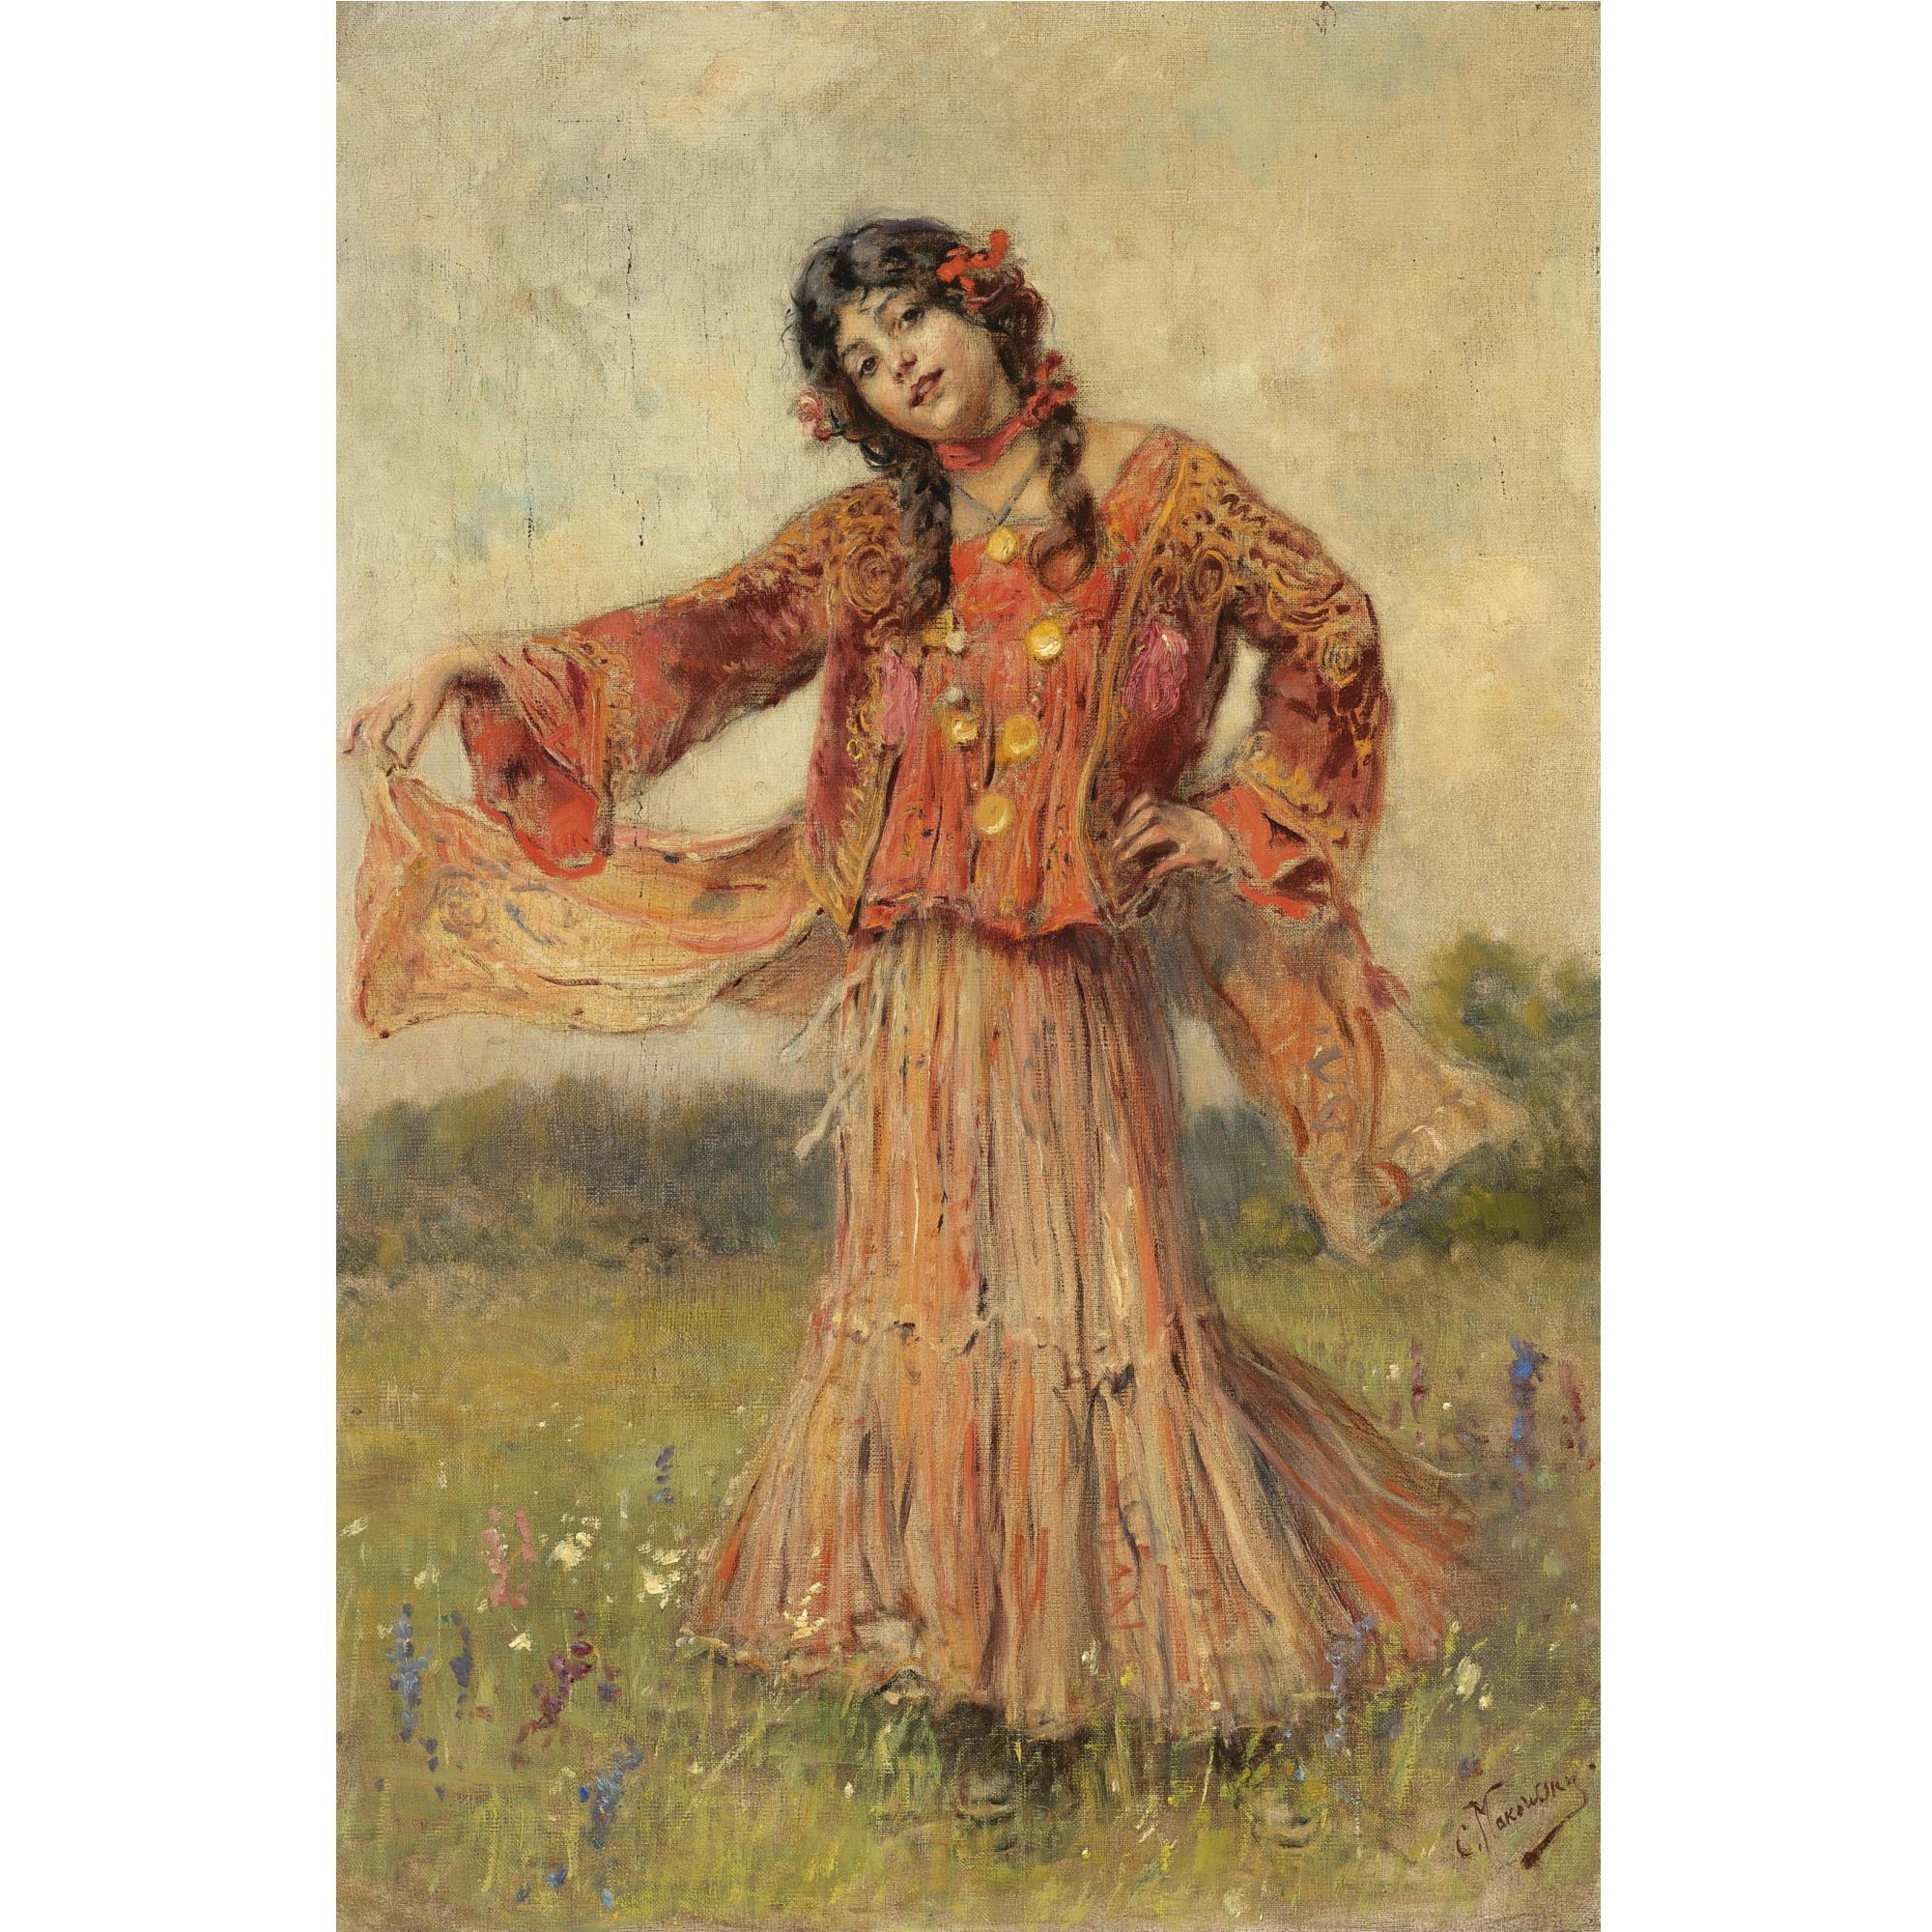 DANCING GYPSY